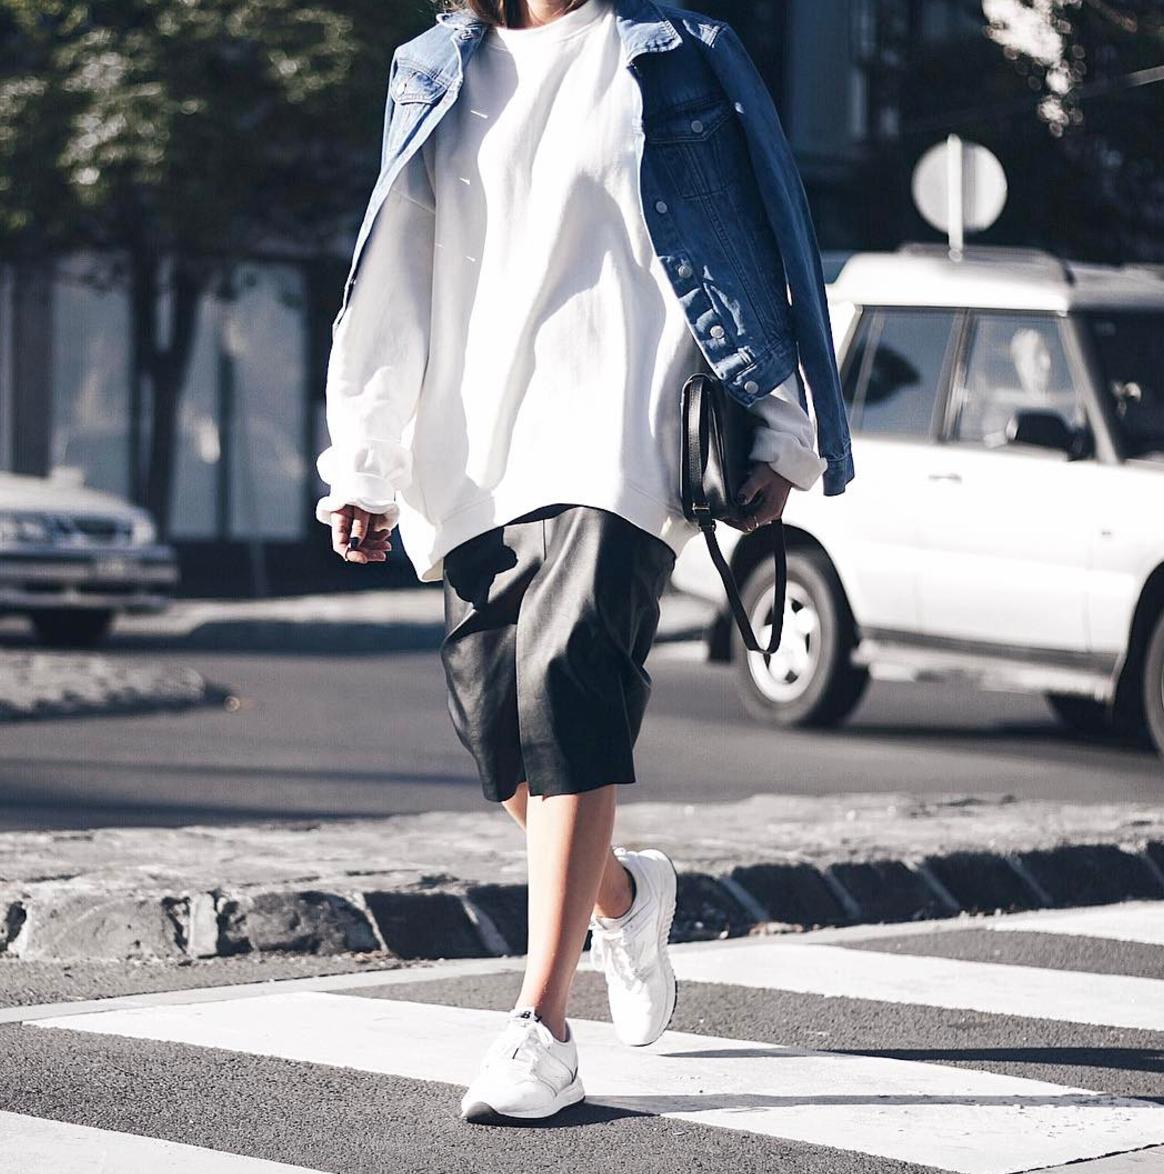 the_fashion_faddist